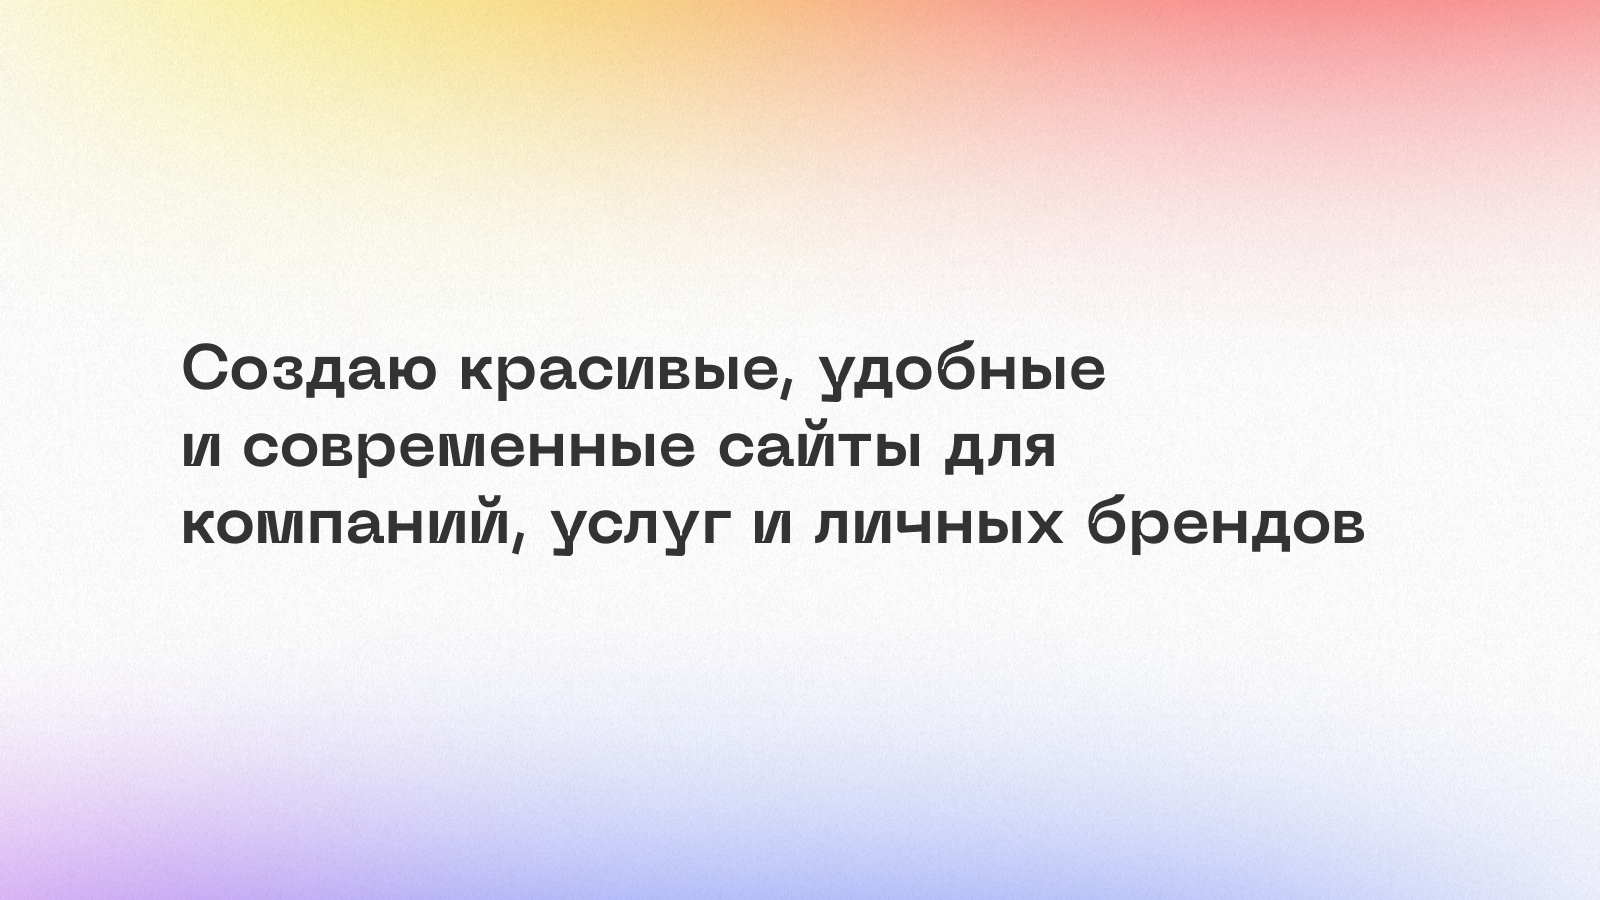 (c) Am-designer.ru